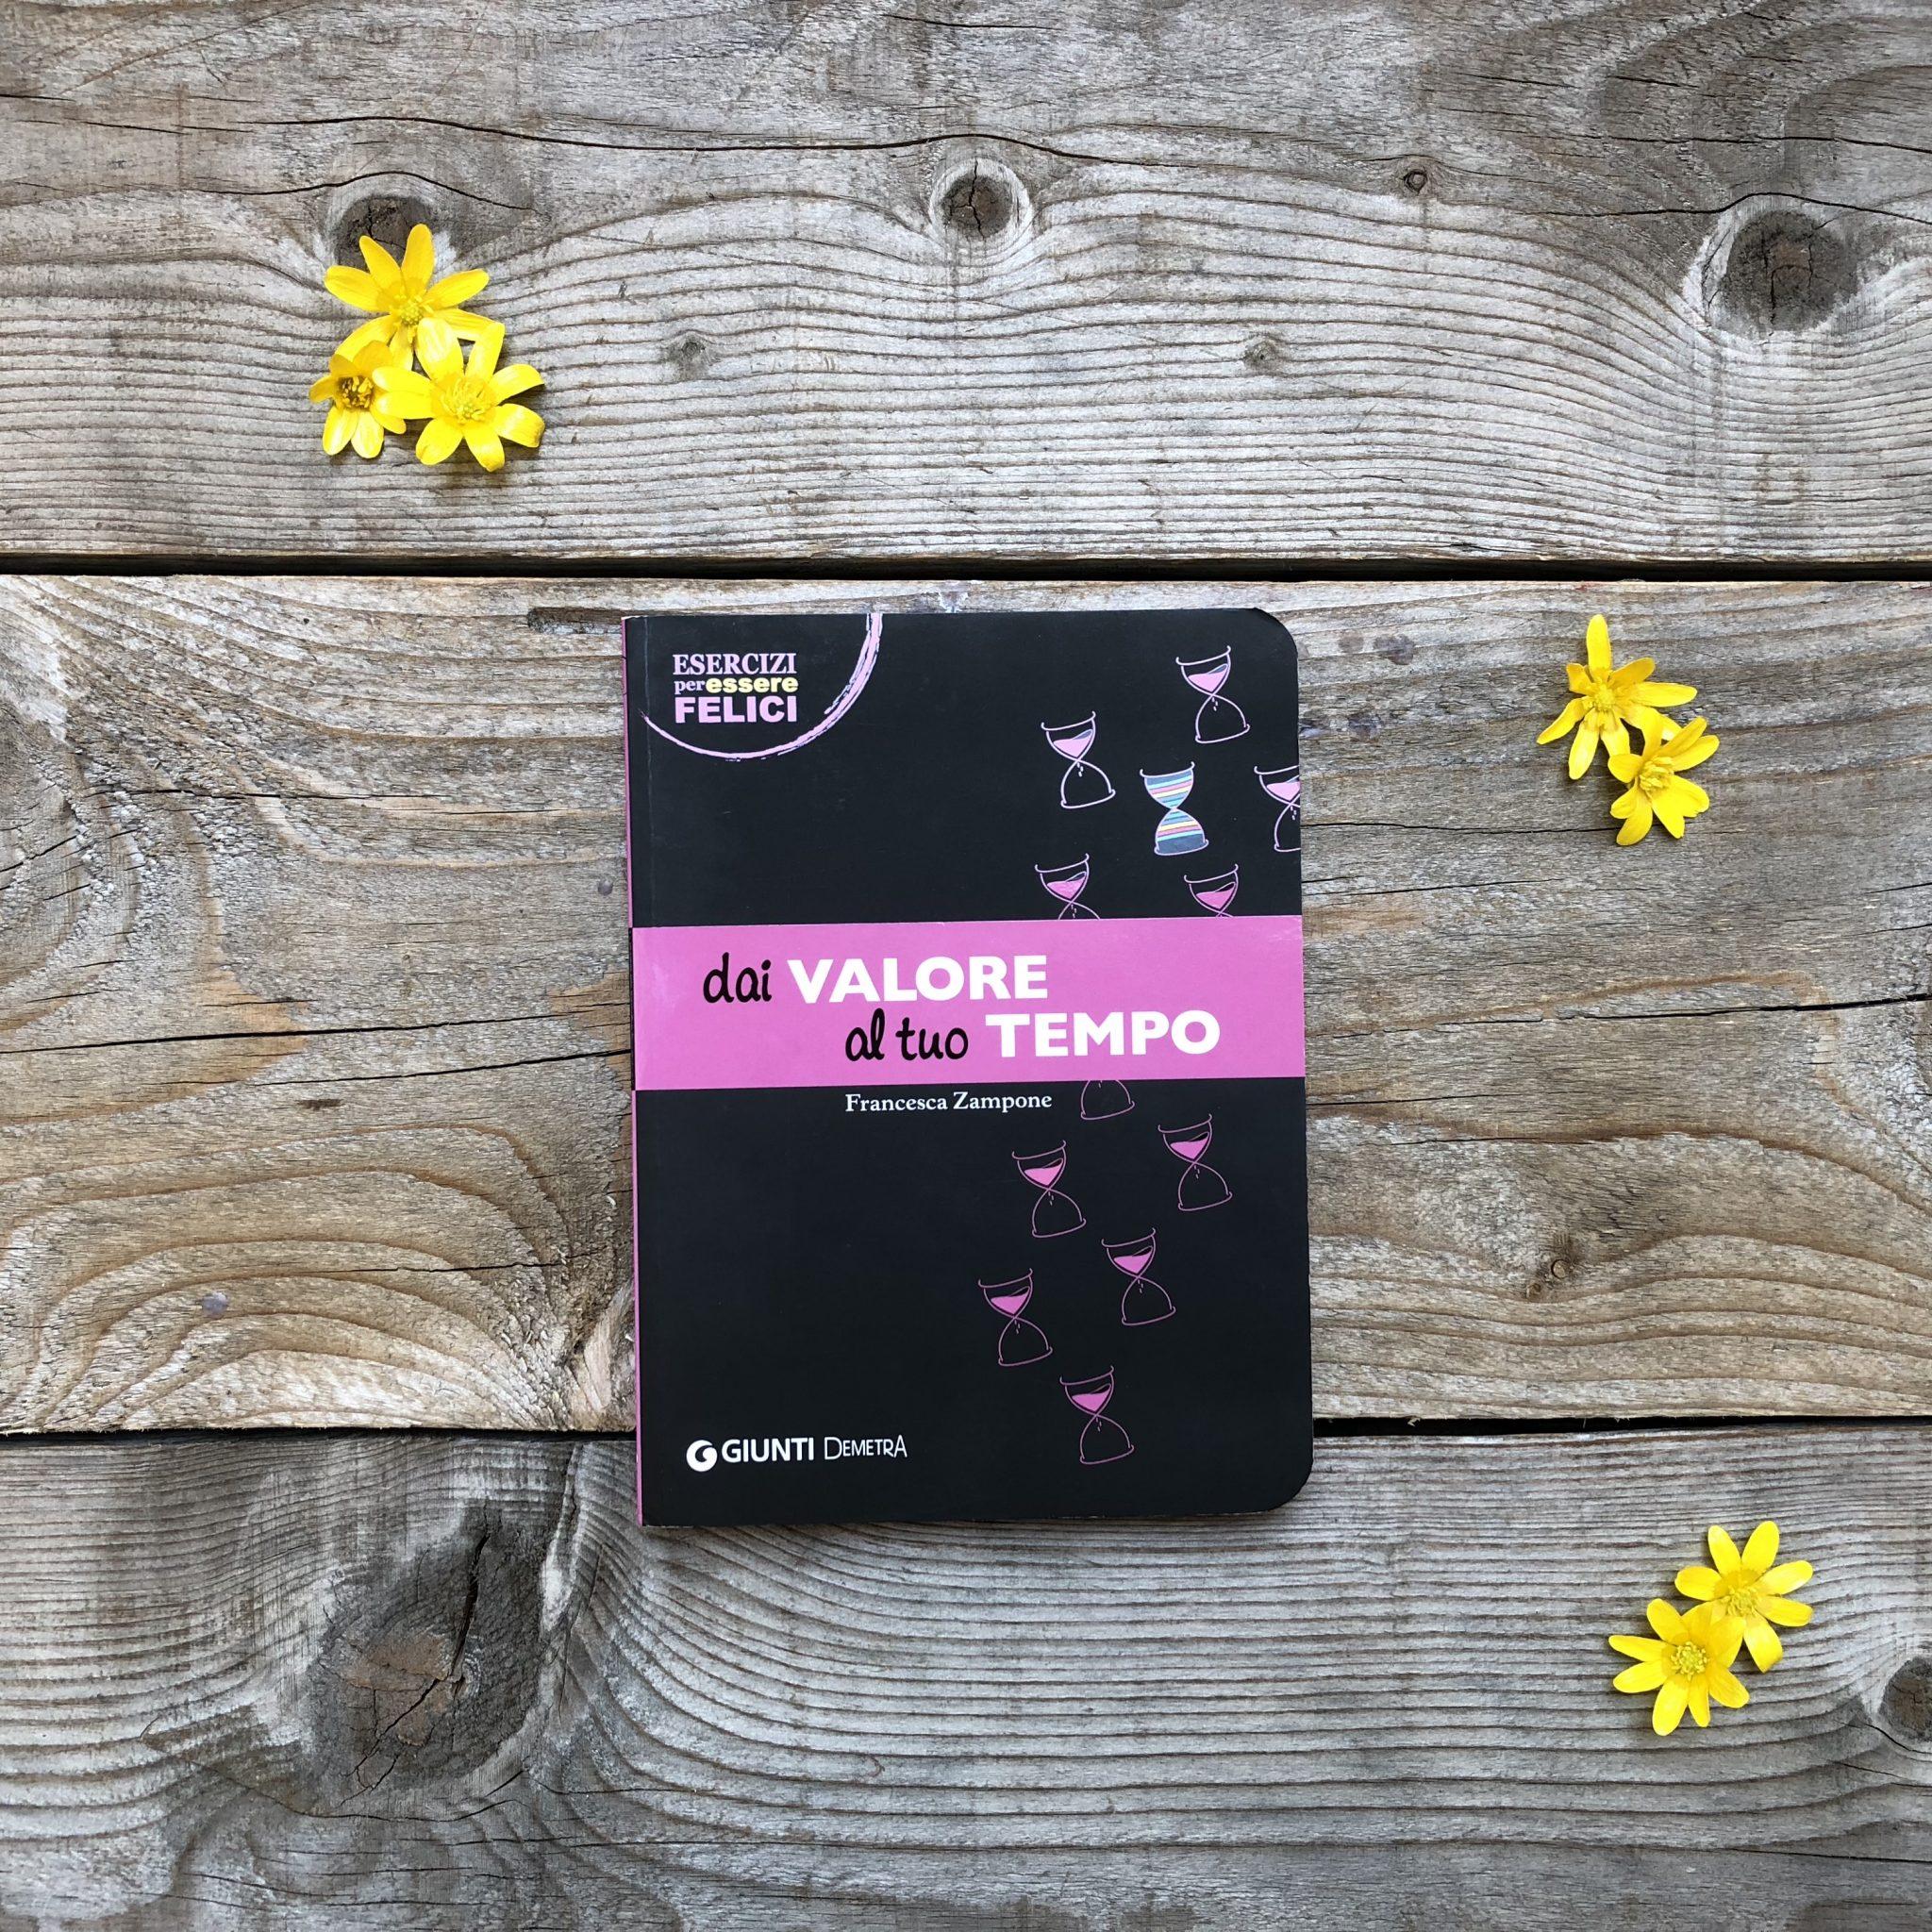 Dai valore al tuo tempo - libro Giunti editore su tavole di legno con fiorellini gialli - foto di tatianaberlaffa.com